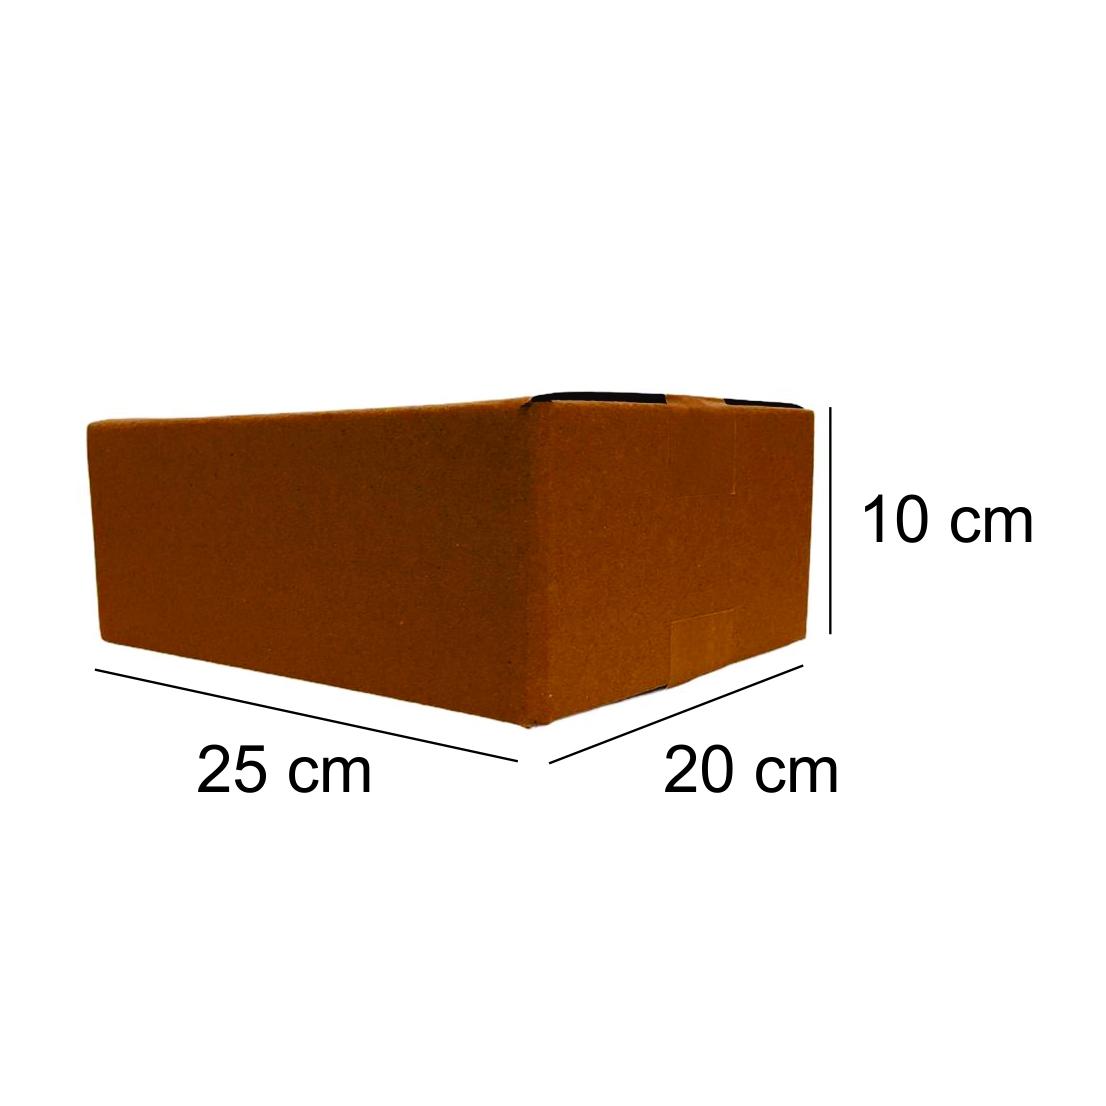 100 Caixas de Papelao (25X20X10)cm - Sedex / Pac / Correios